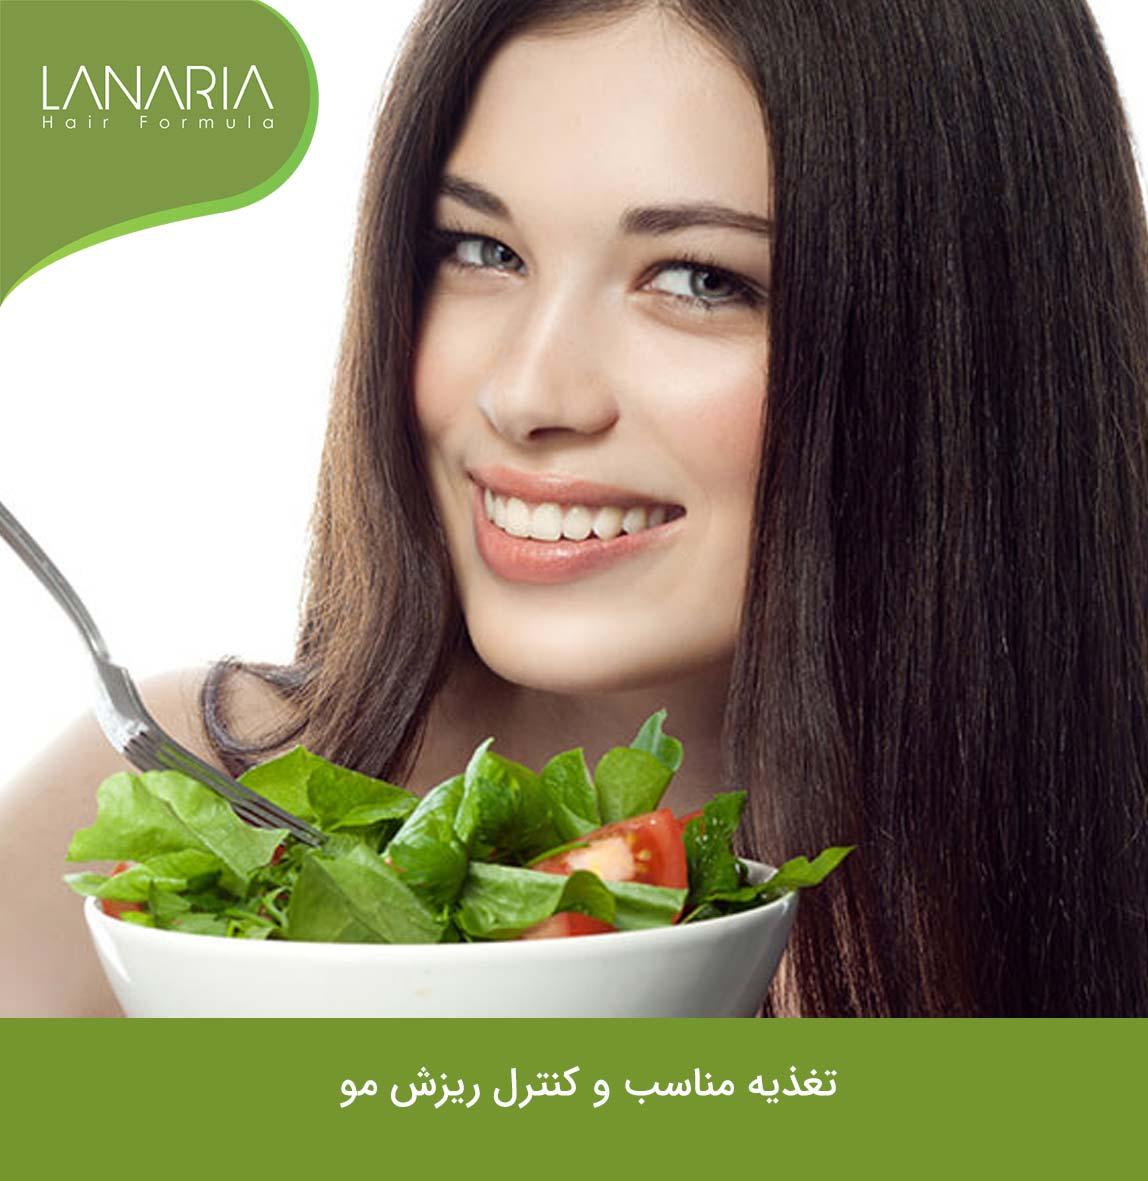 مواد تغذیه ای مناسب در کنترل ریزش مو